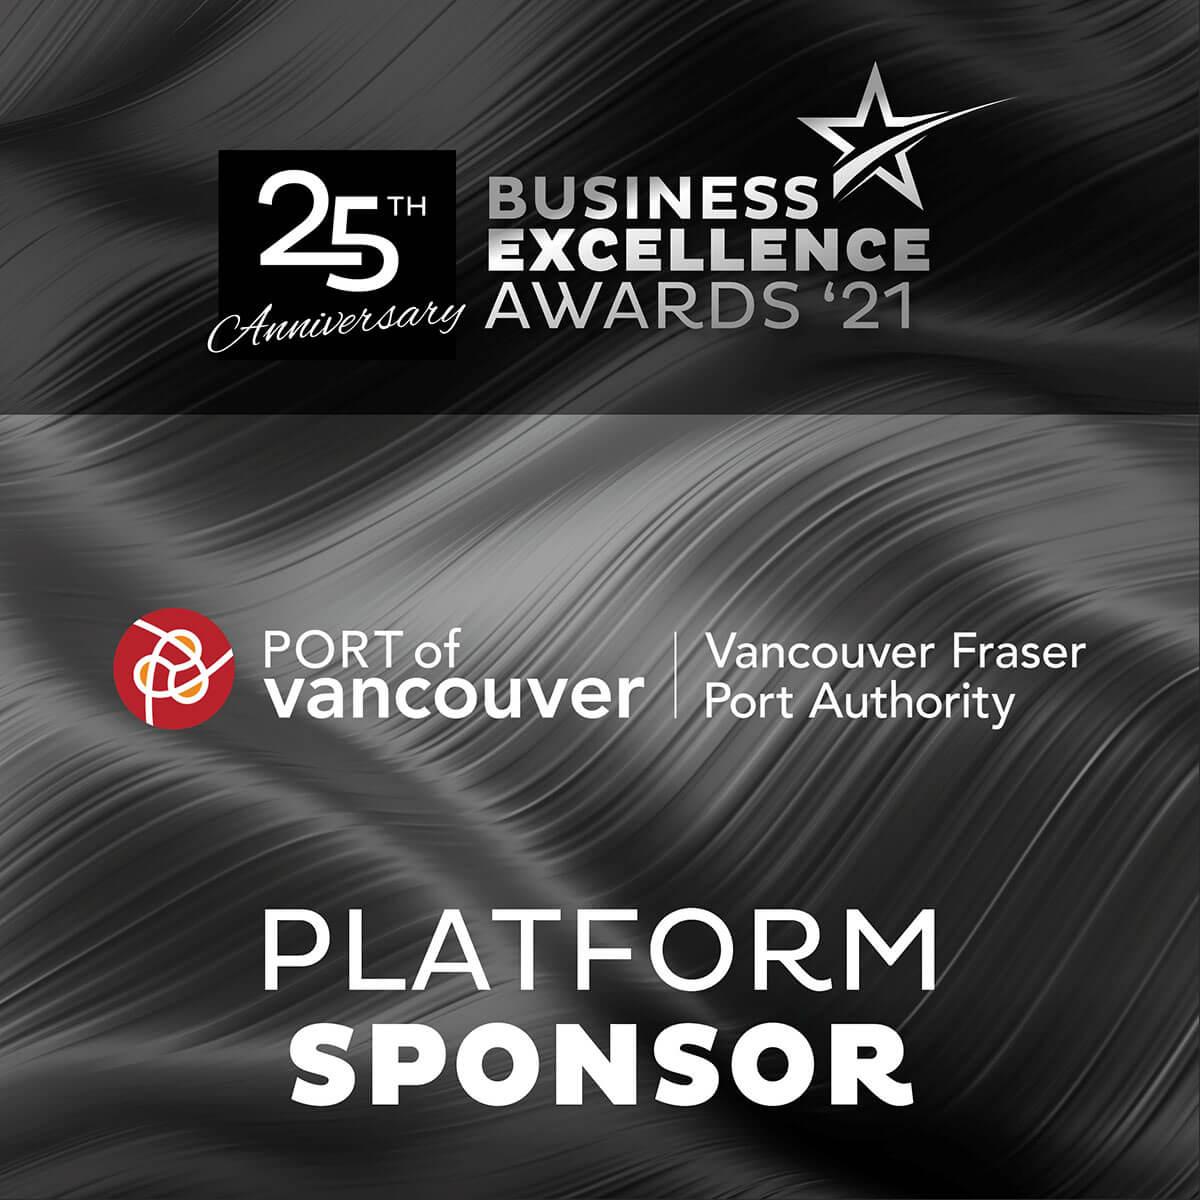 platform sponsor